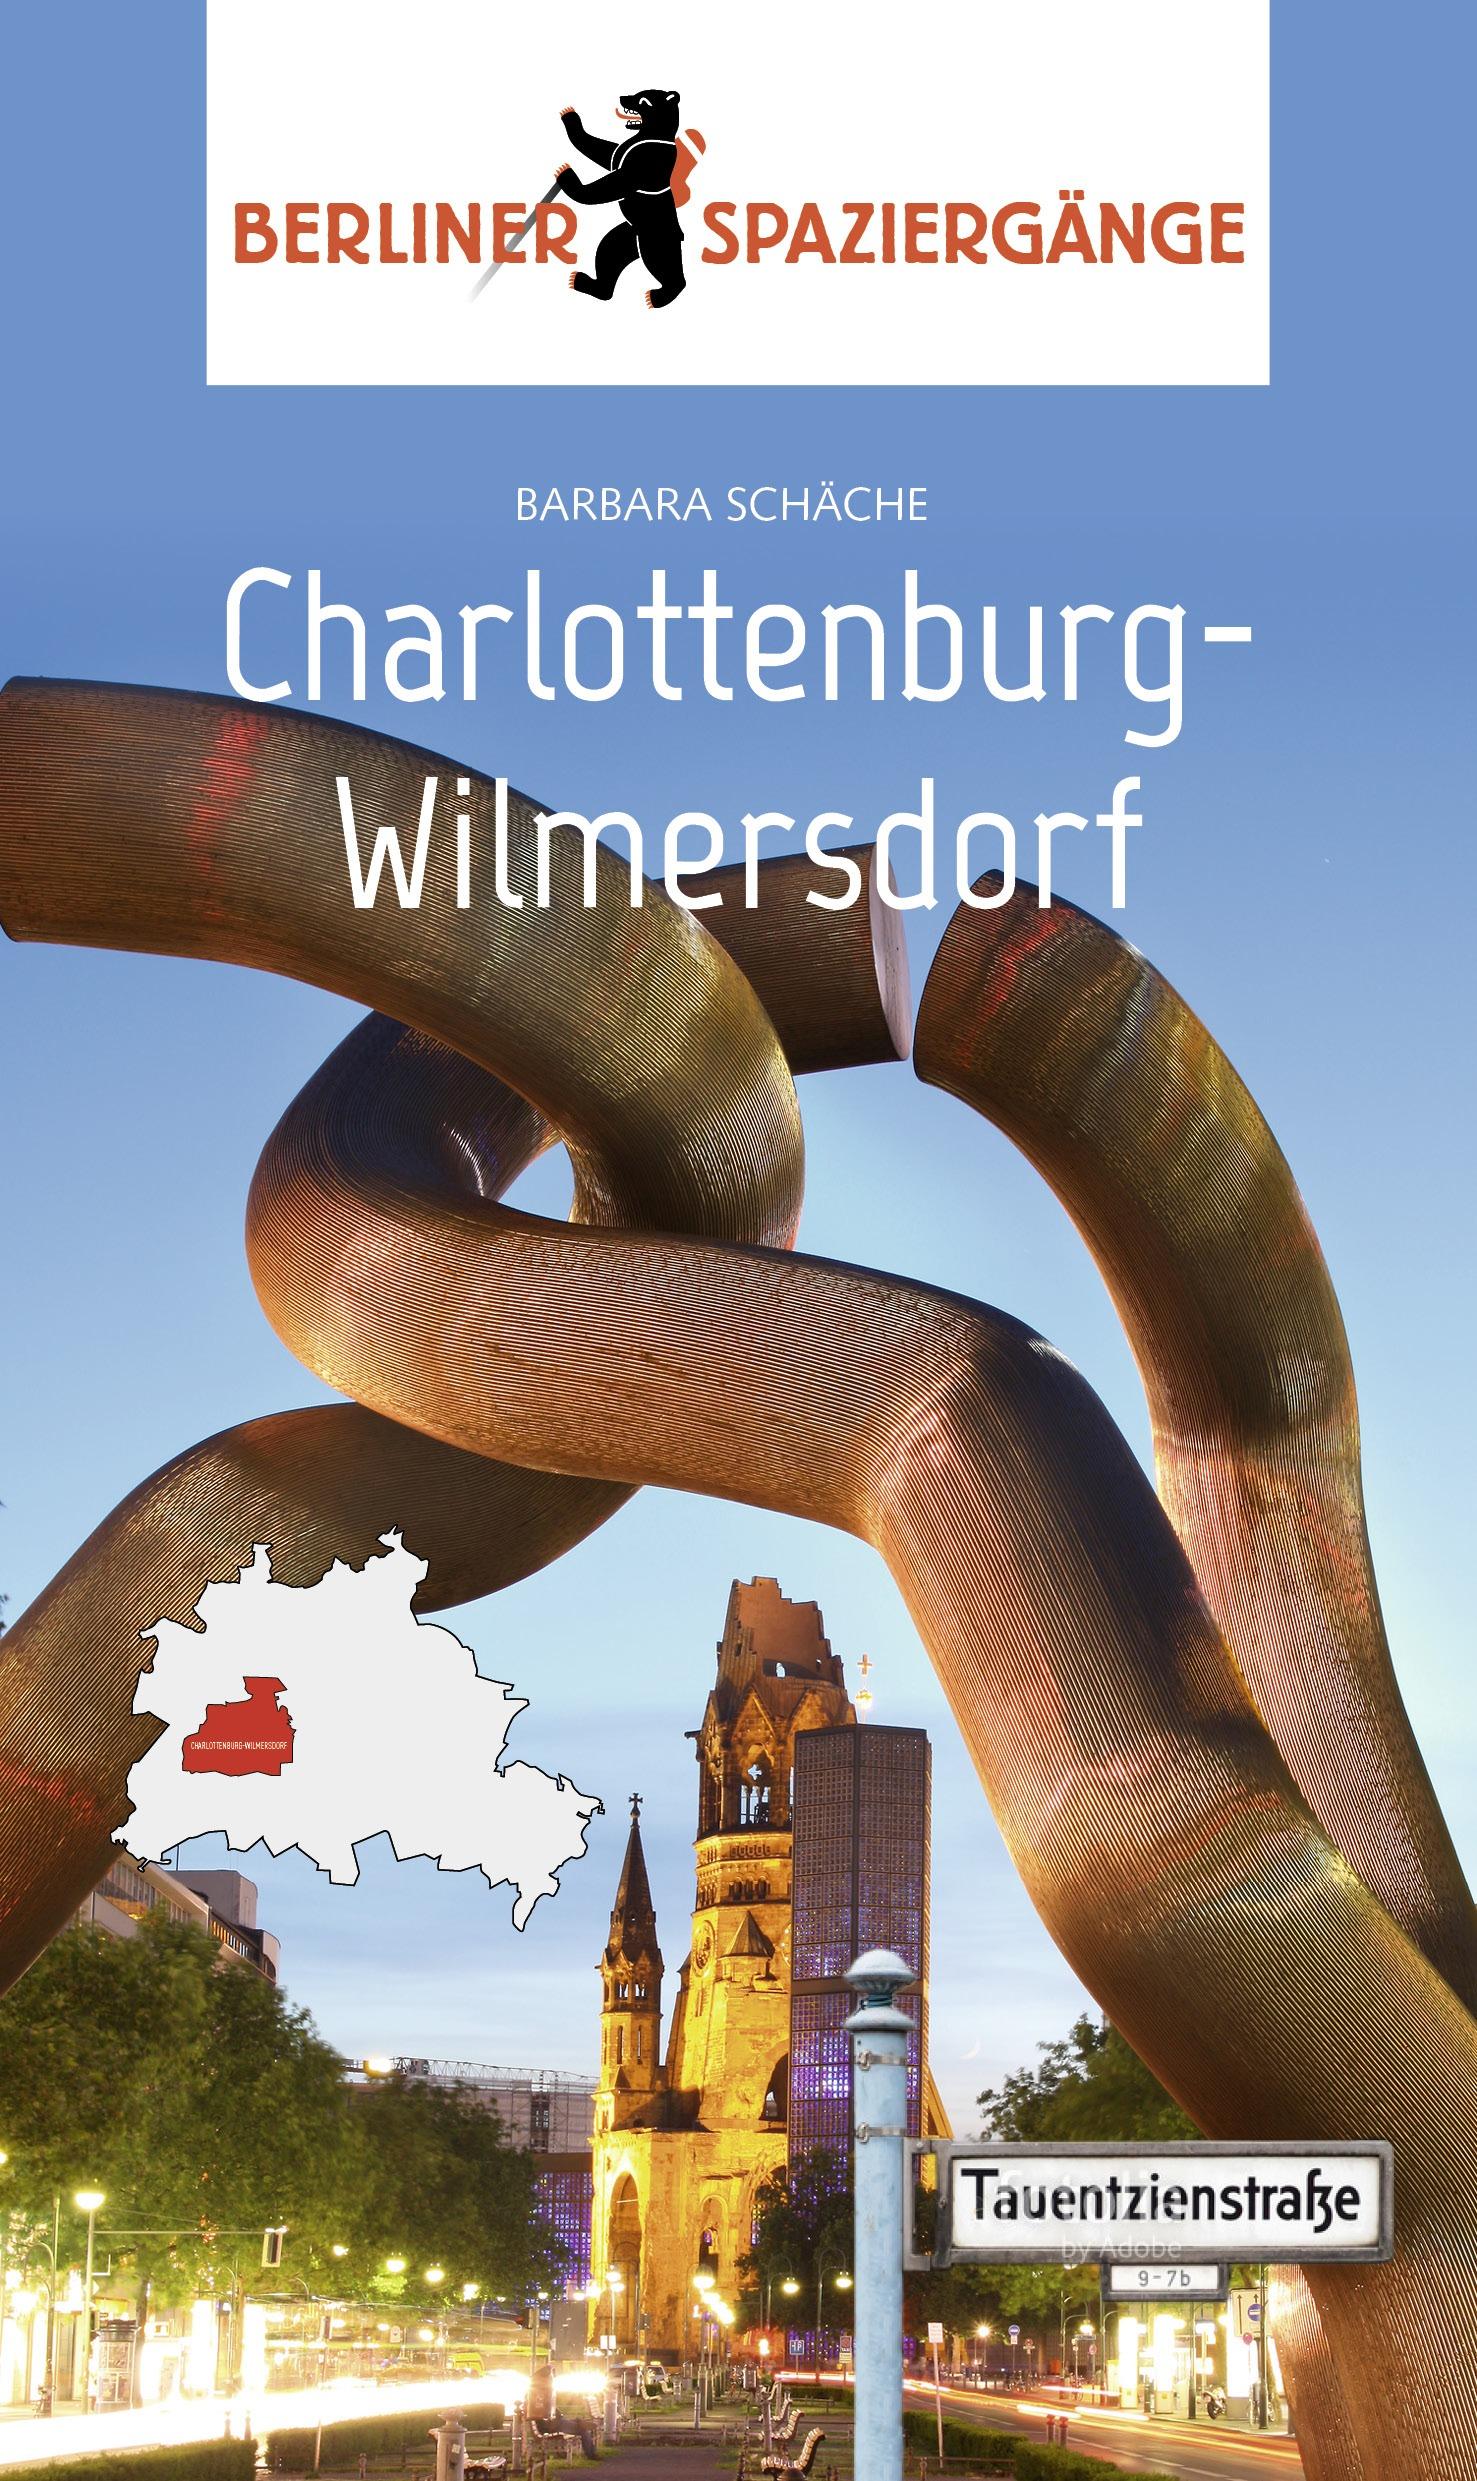 Das Bild zeigt das Cover des Buches Charlottenburg-Wilmersdorf aus der Reihe Berliner Spaziergänge.